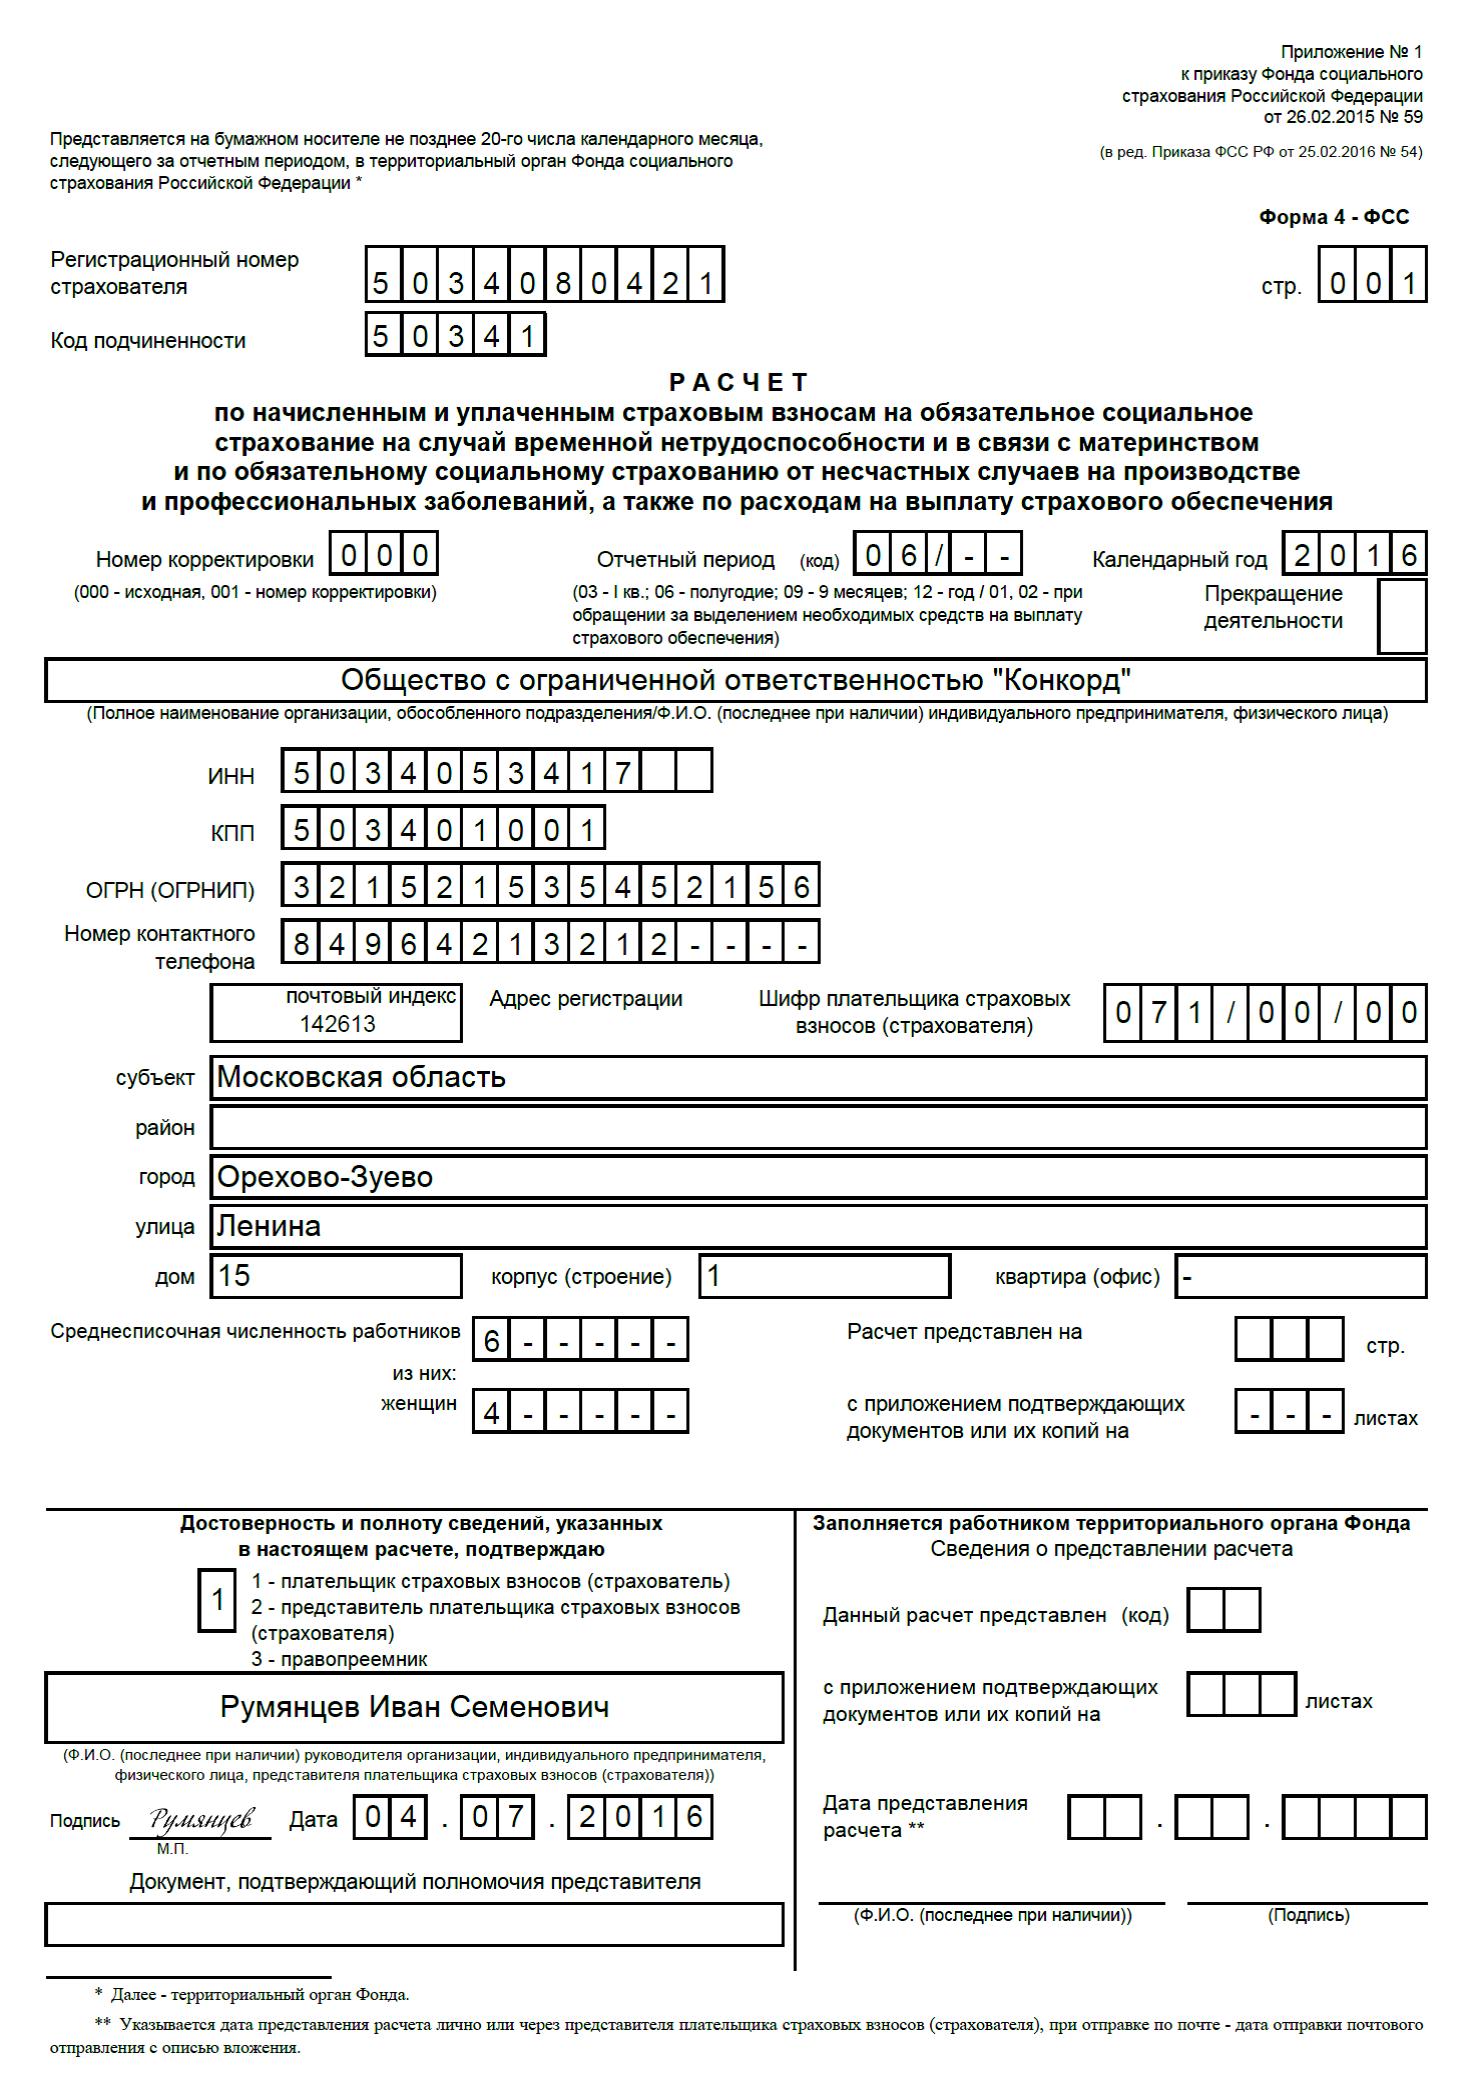 форма 4 бухгалтерской отчетности образец